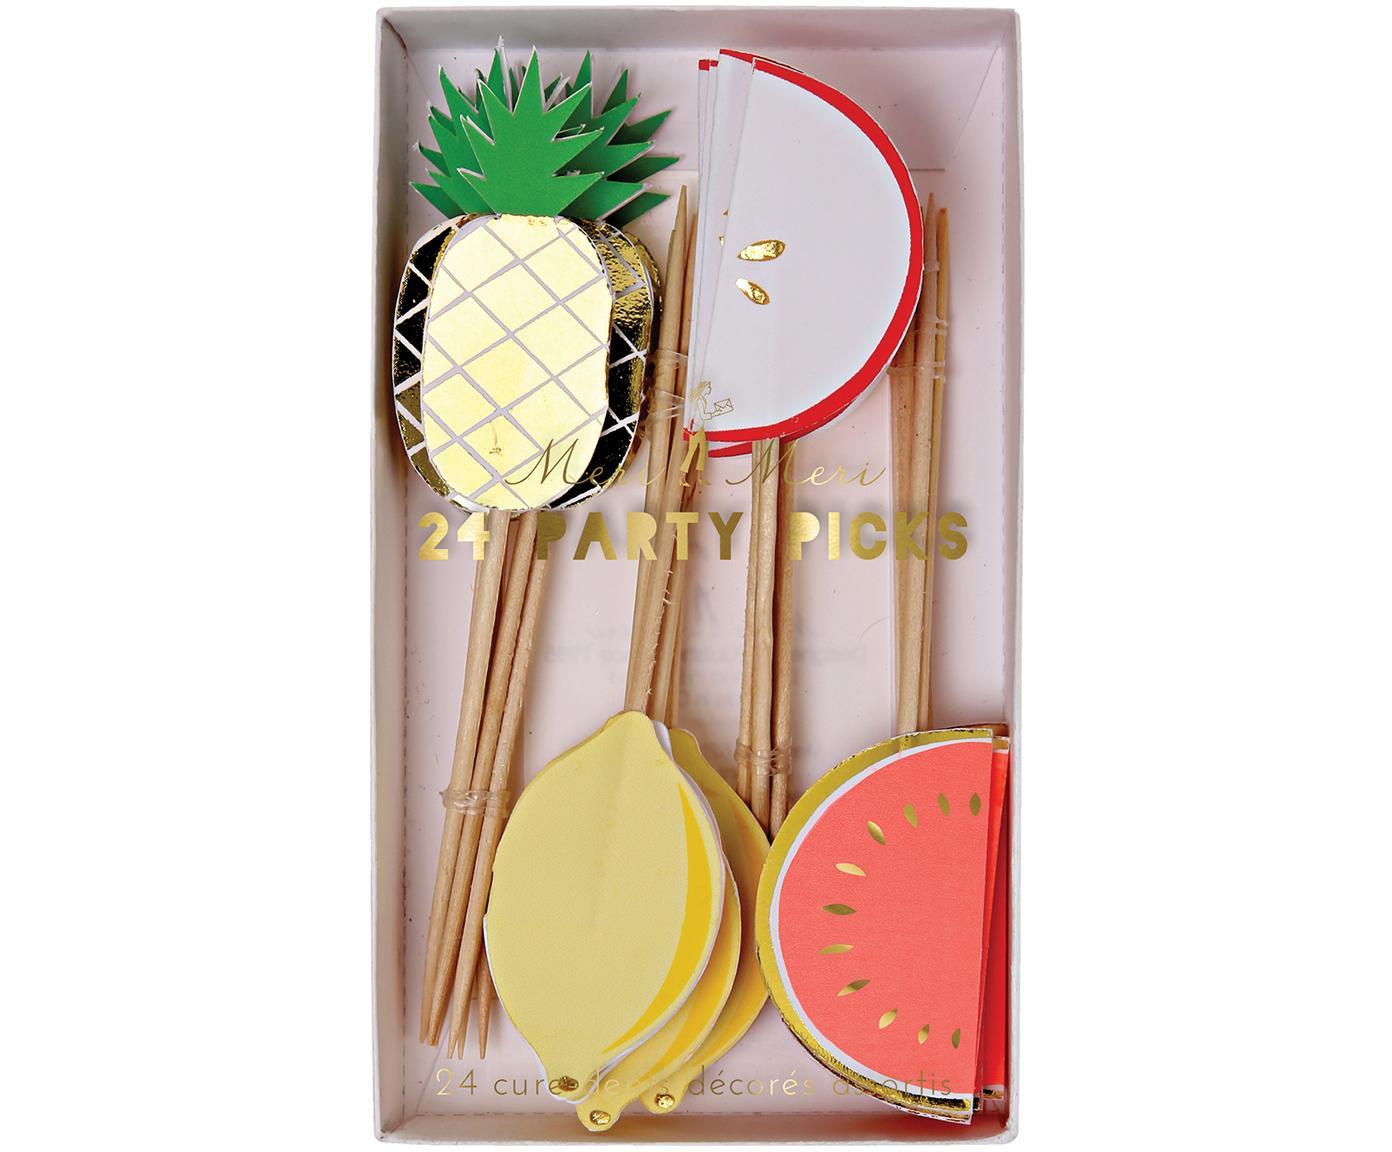 Partyspiezenset Fruit Party, 24-delig, Papier, hout, Multicolour, 11 x 2 cm